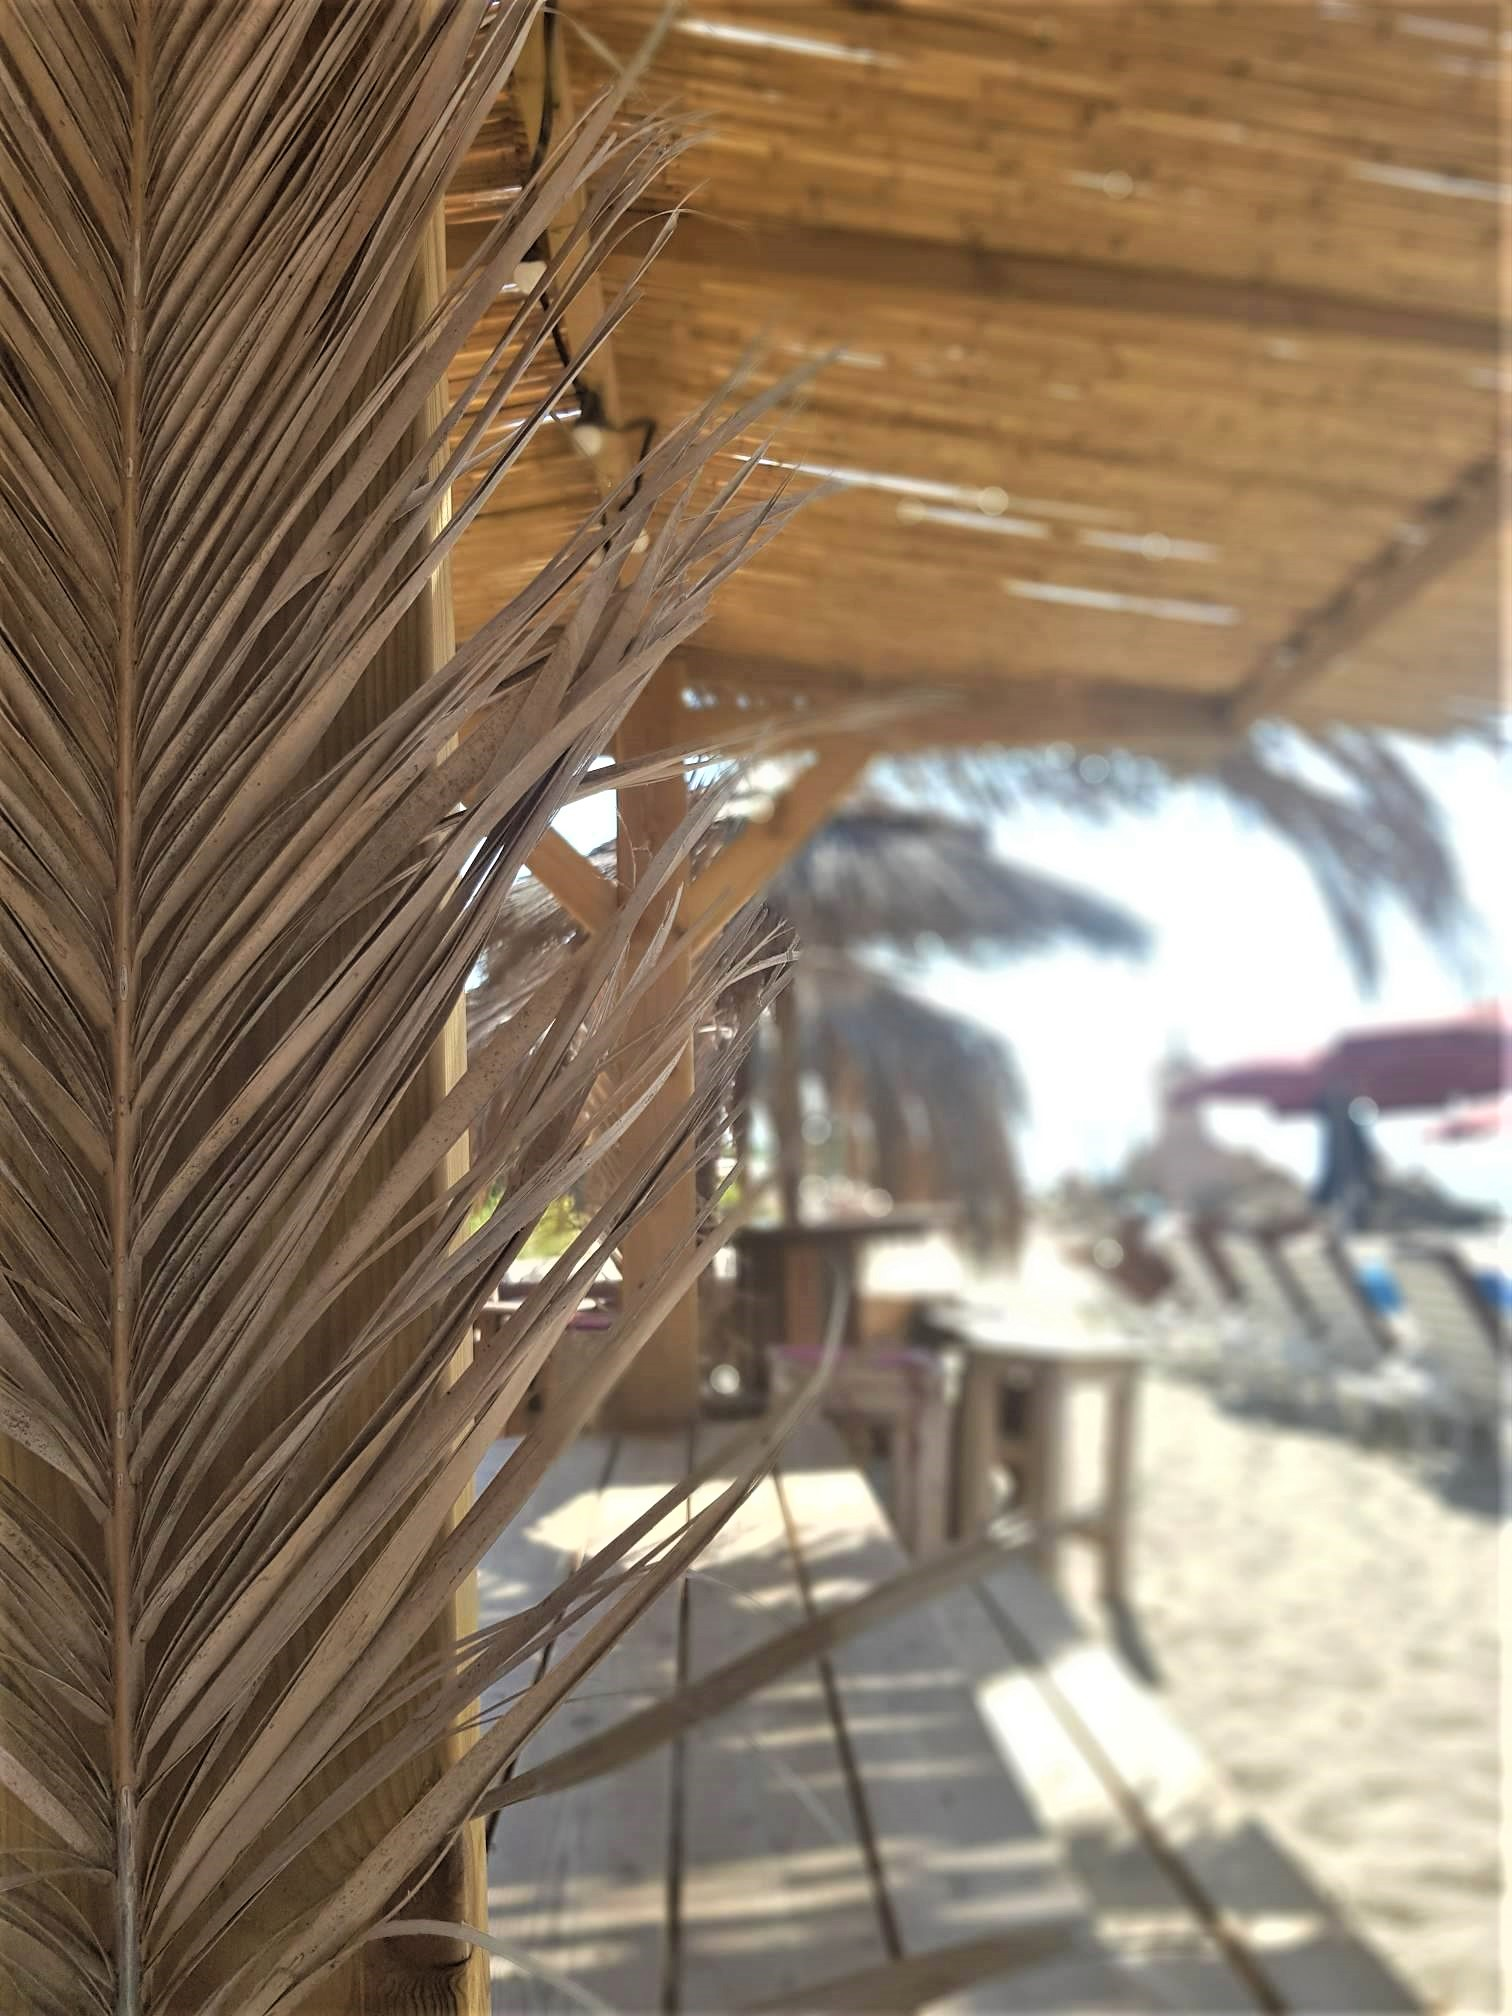 clioandco blog voyage corse plage à voir goeland paillote